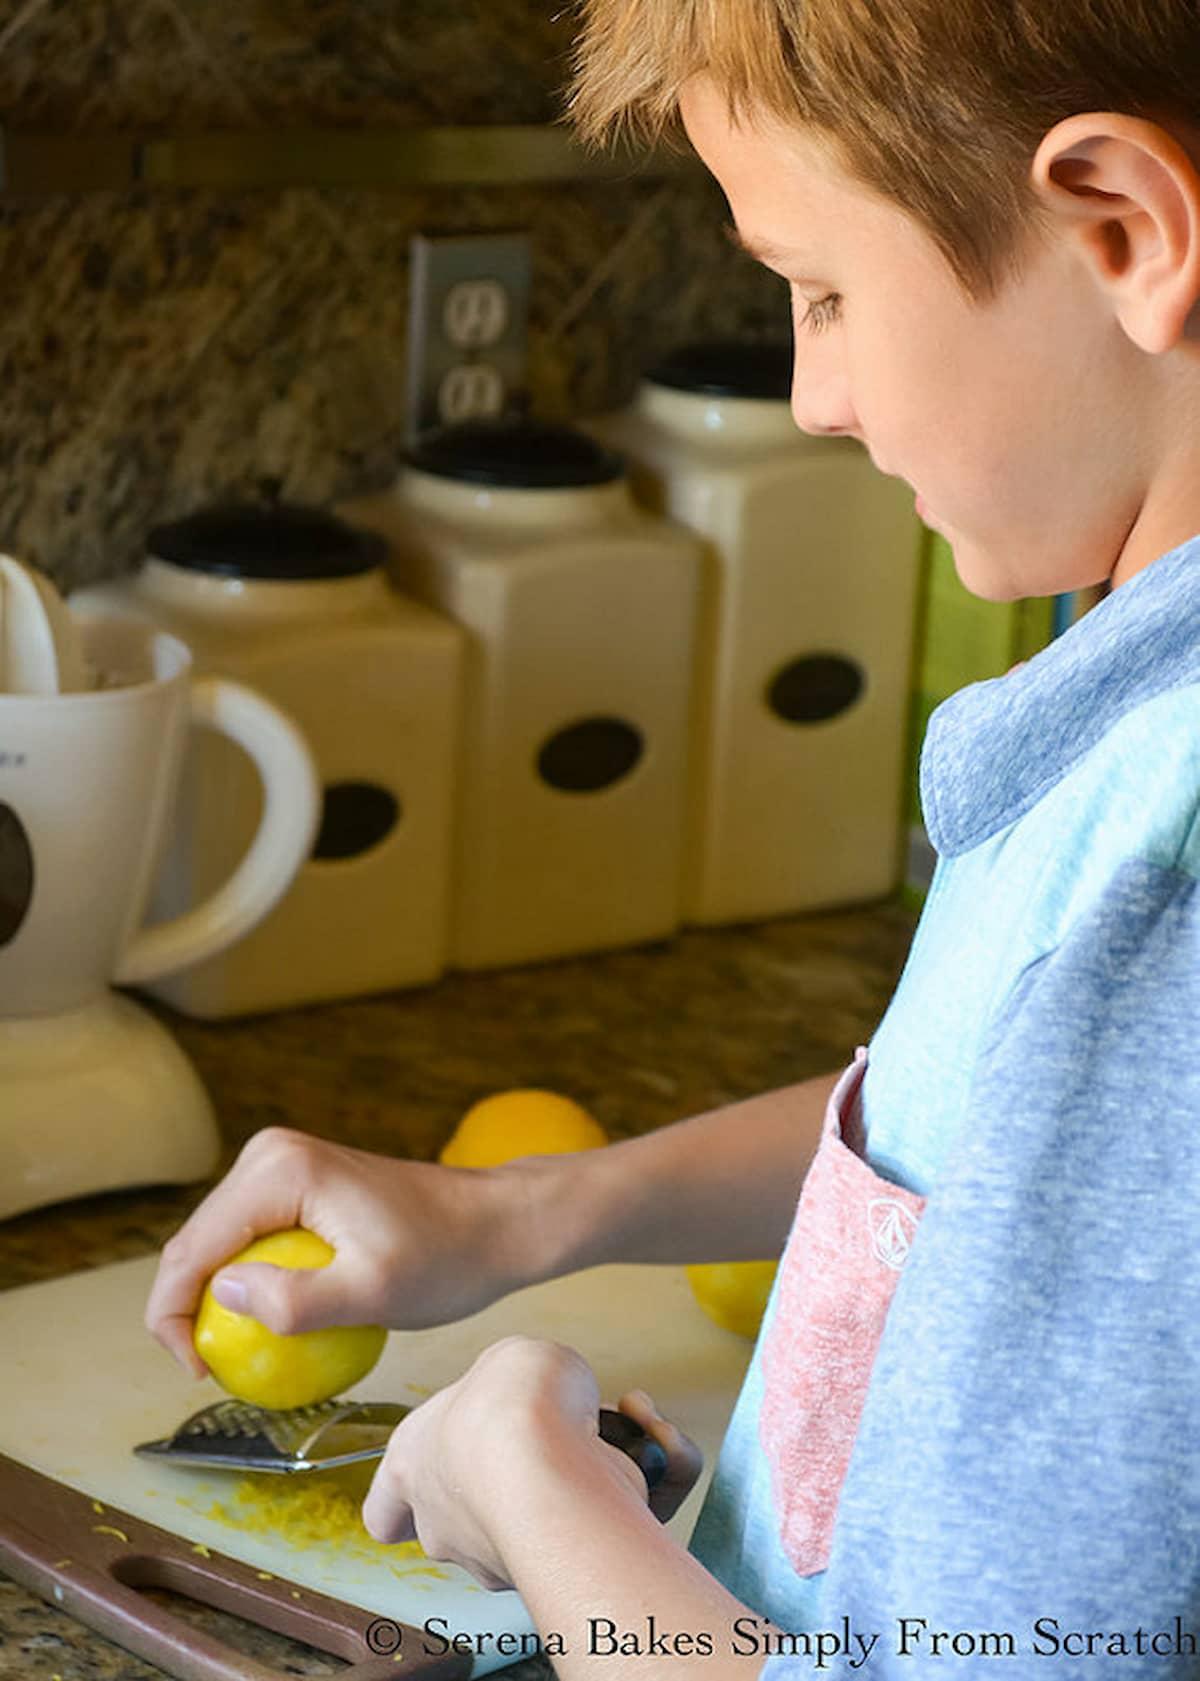 LJ zesting a Lemon on a cutting board.